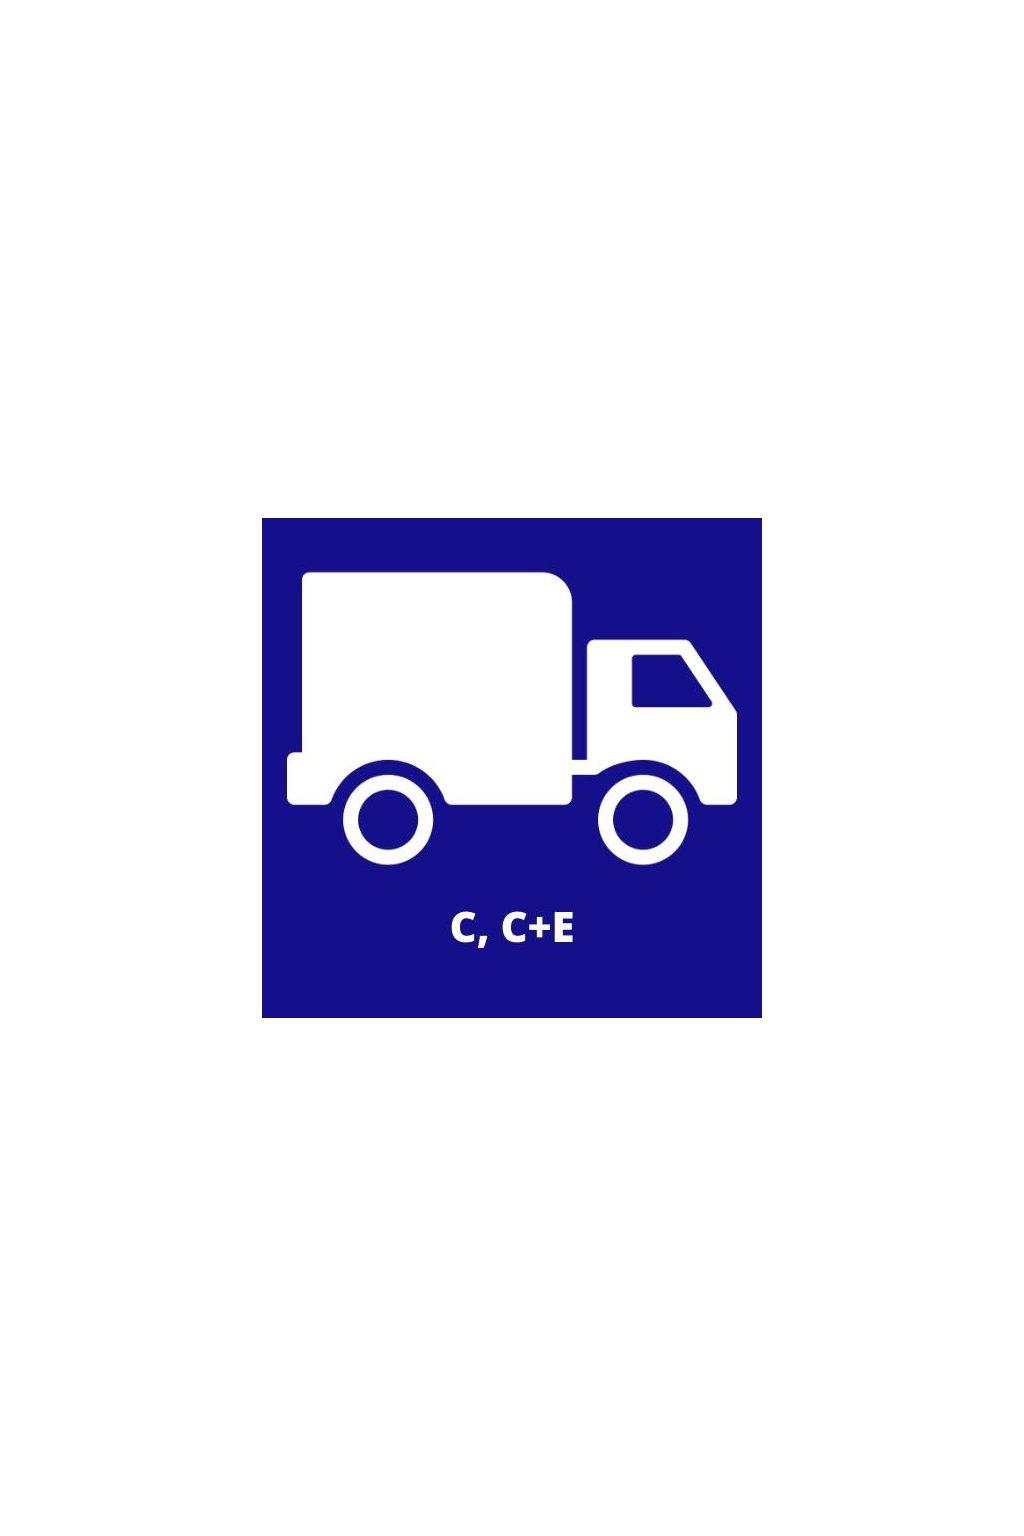 Řidičský průkaz pro skupinu C, C+E